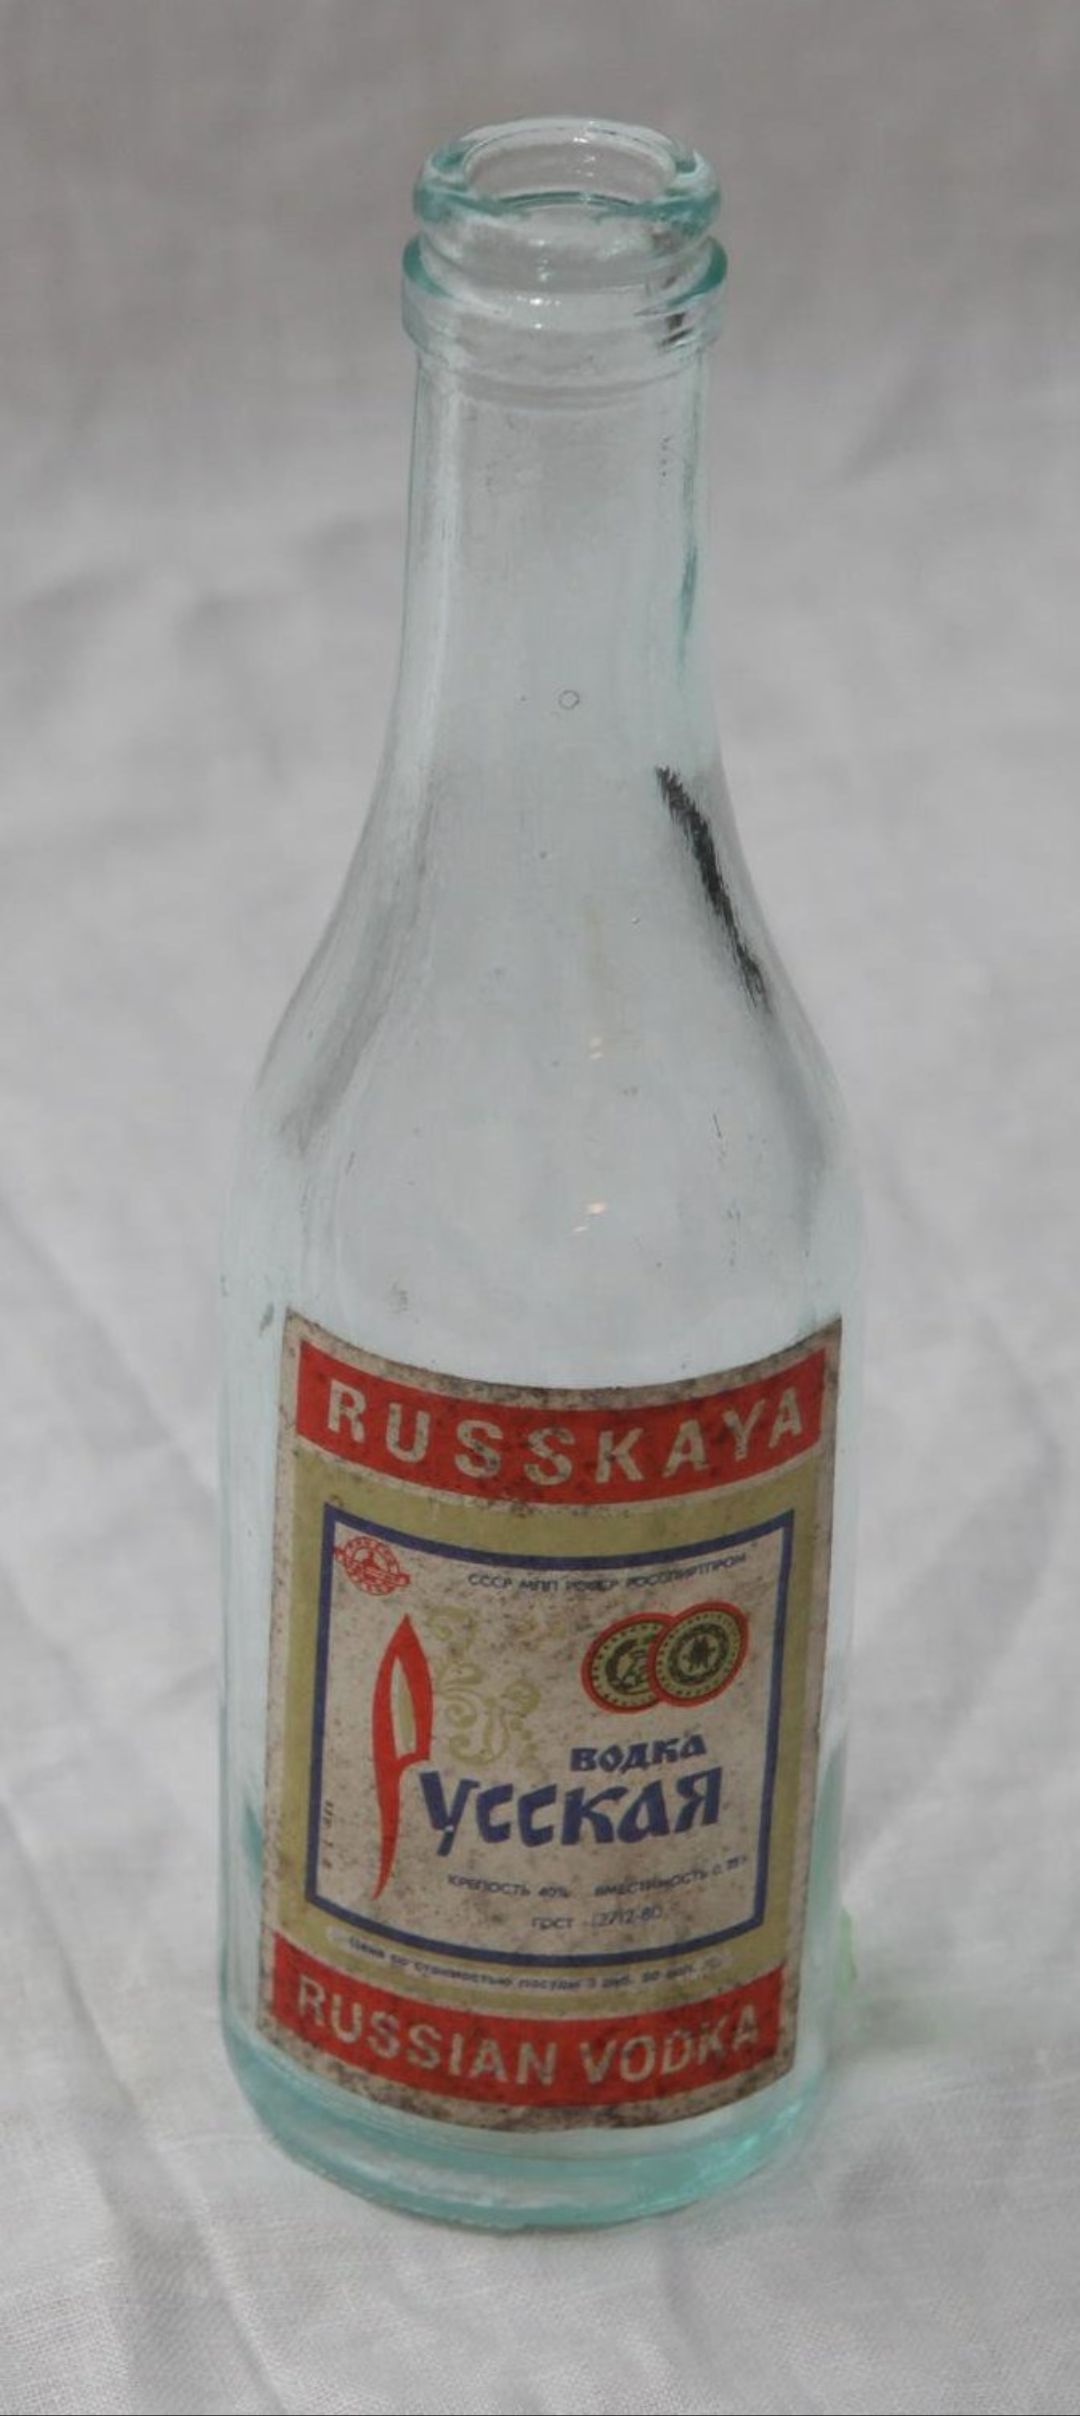 Бутылка. «Русская водка». 0,25 л («чекушка»). 1980-е гг.